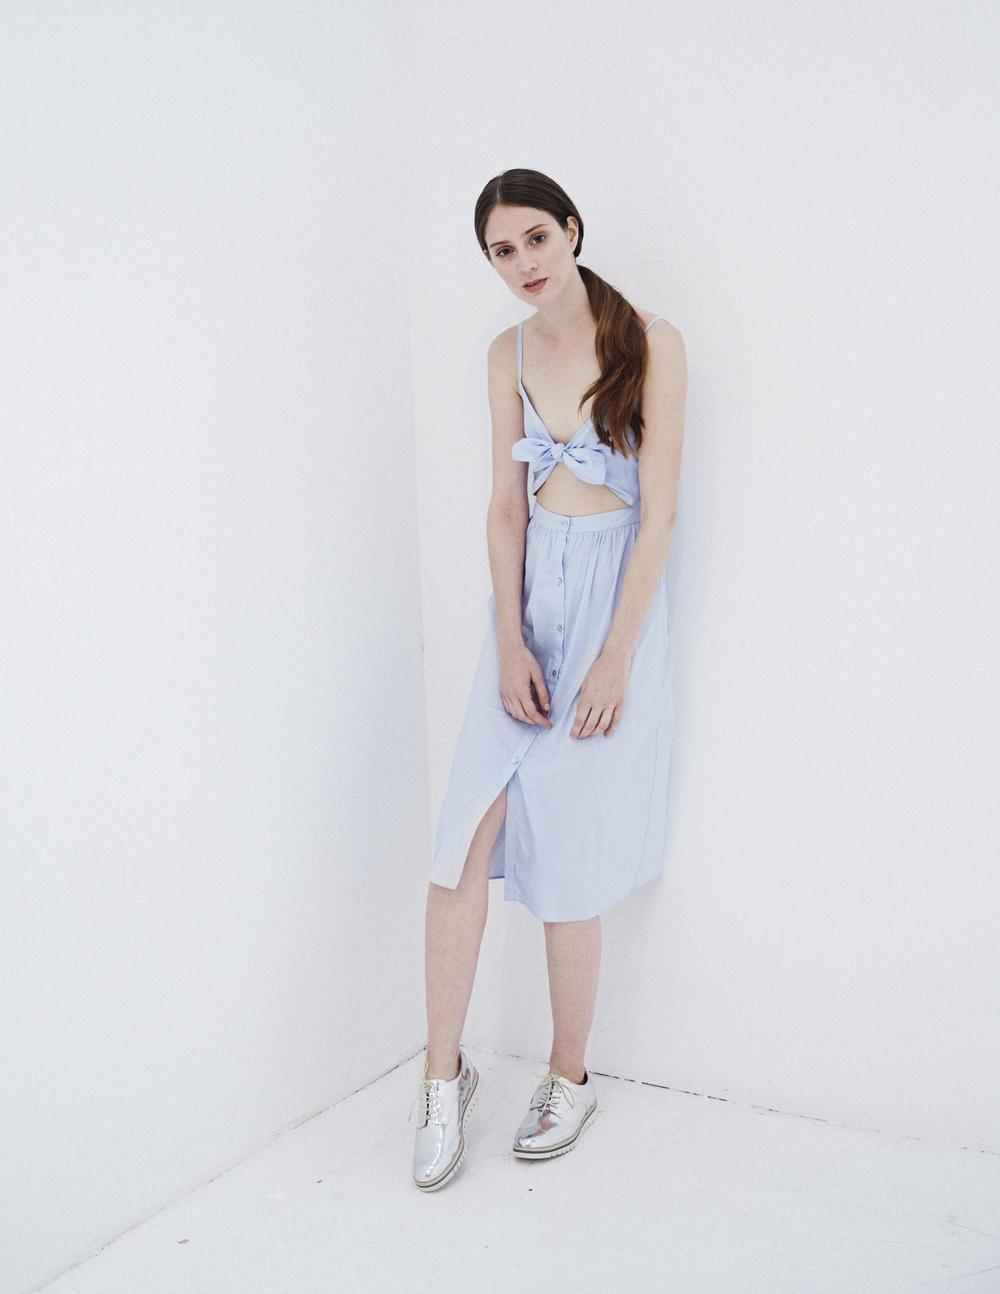 summerdress_silvershoes.jpg